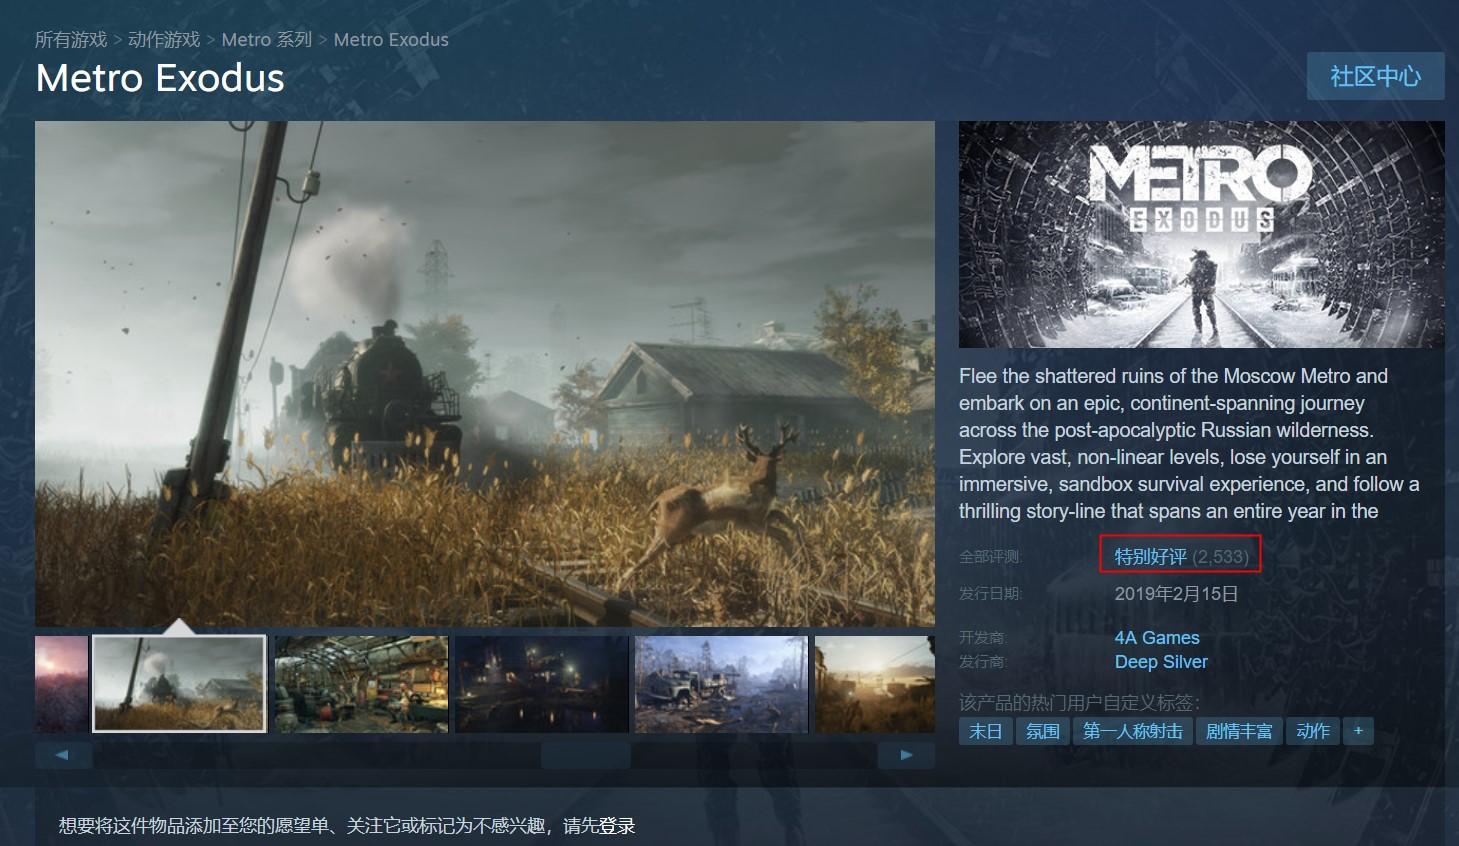 虽然Epic独有 但《地铁:逃离》Steam上照样收到特别好评